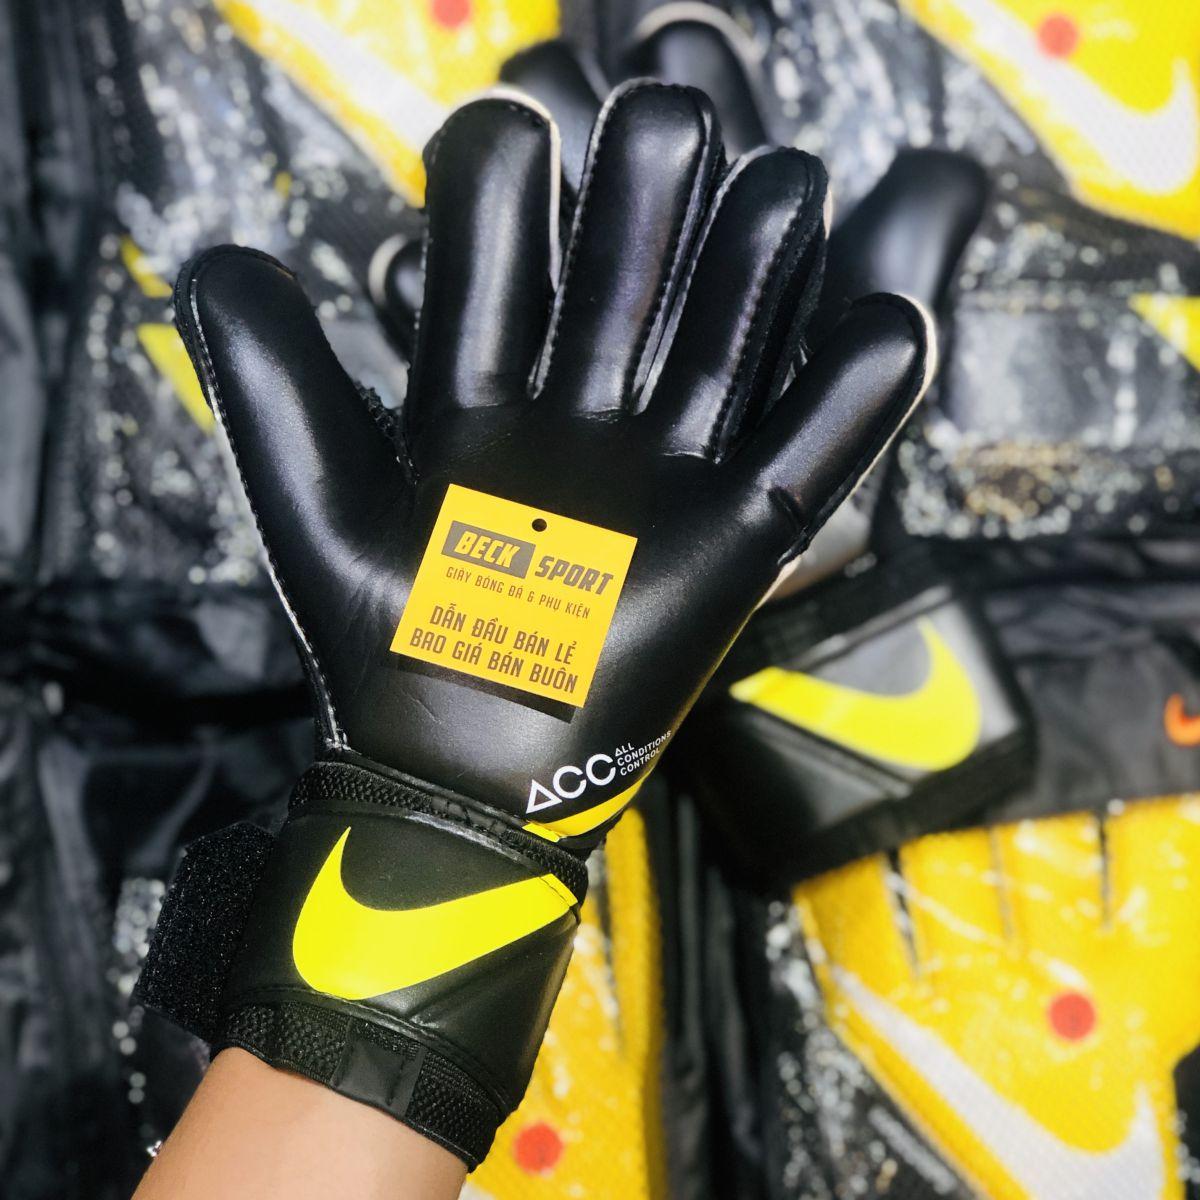 Găng Tay Nike Vapor Grip 3 Vàng Đen Vạch Trắng ( Không Xương )